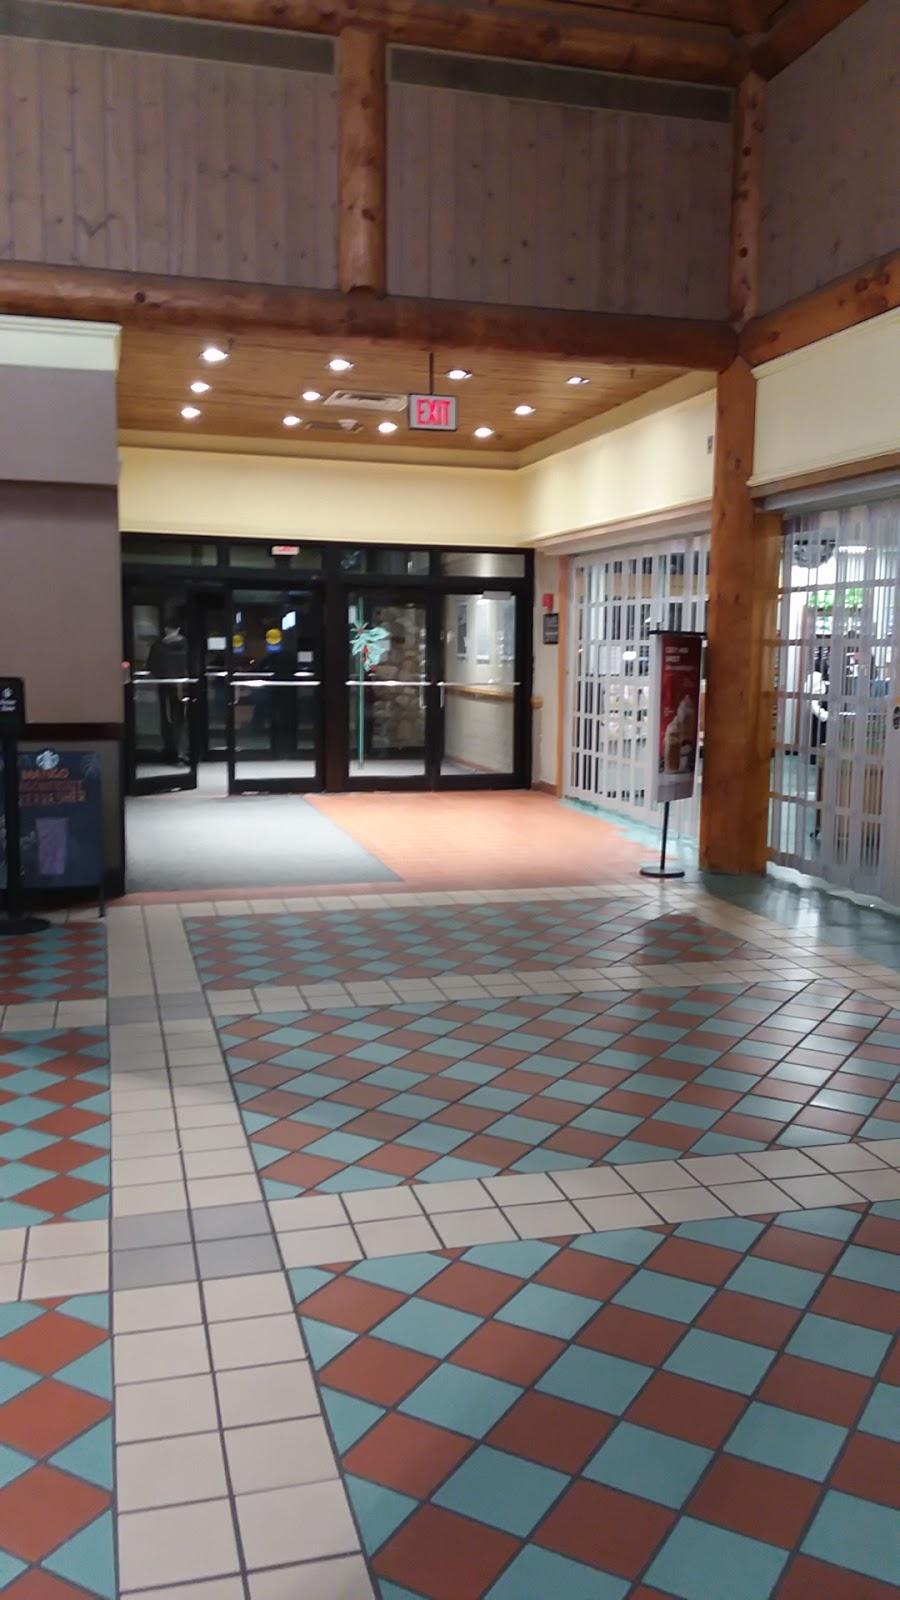 Brioche Dorée - cafe    Photo 4 of 5   Address: 6474 I-87, Wallkill, NY 12589, USA   Phone: (845) 564-5160